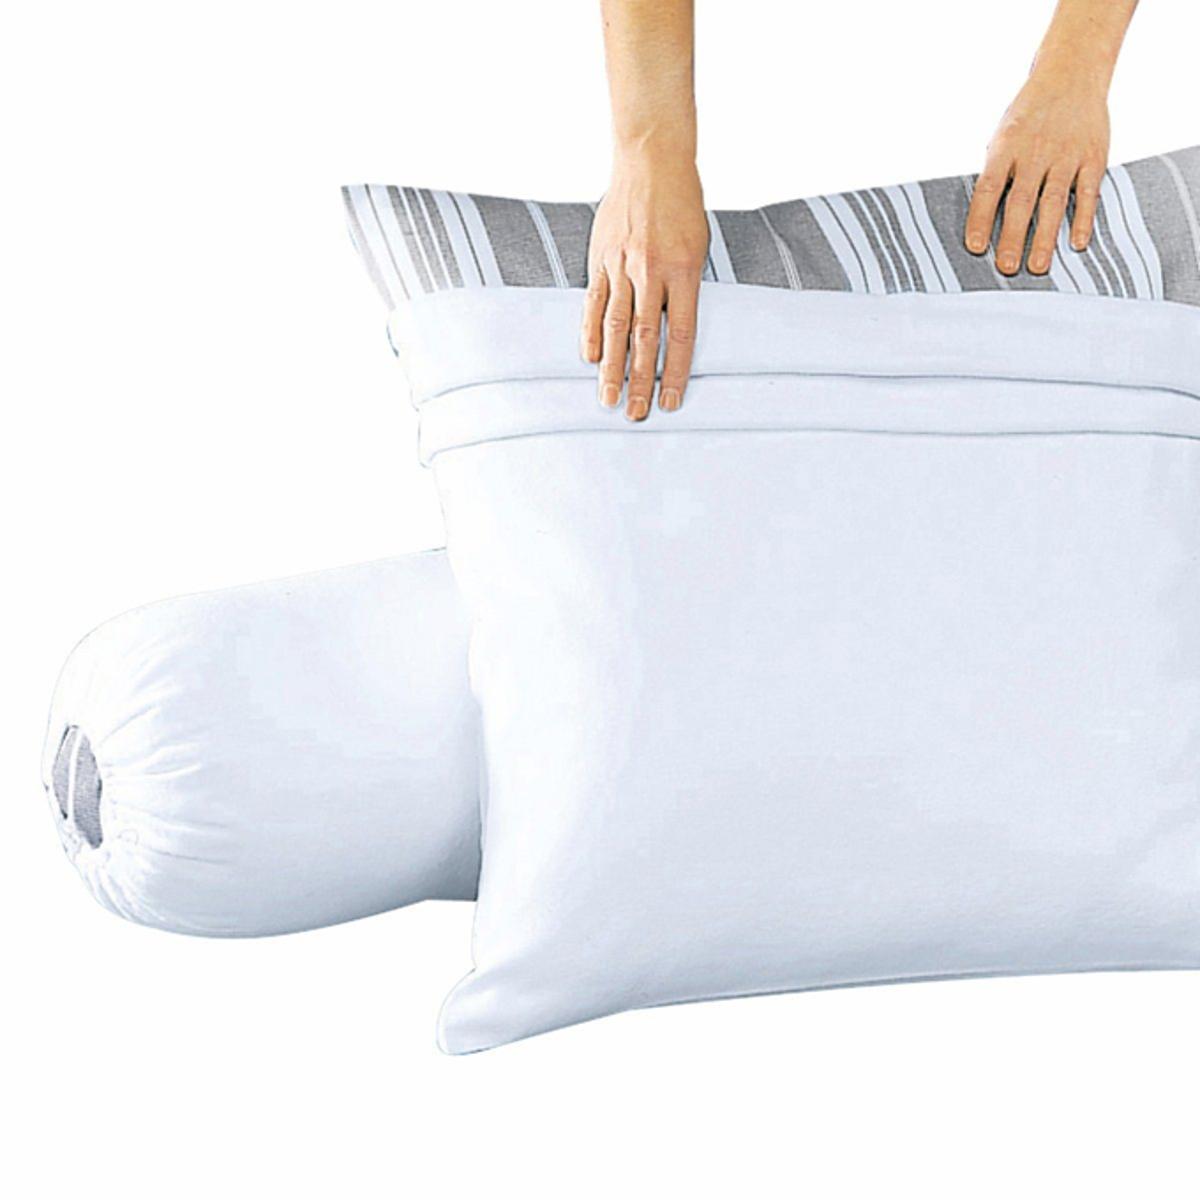 Чехол защитный на подушку из хлопкового мольтона чехол защитный на матрас из мольтона 220 г м²